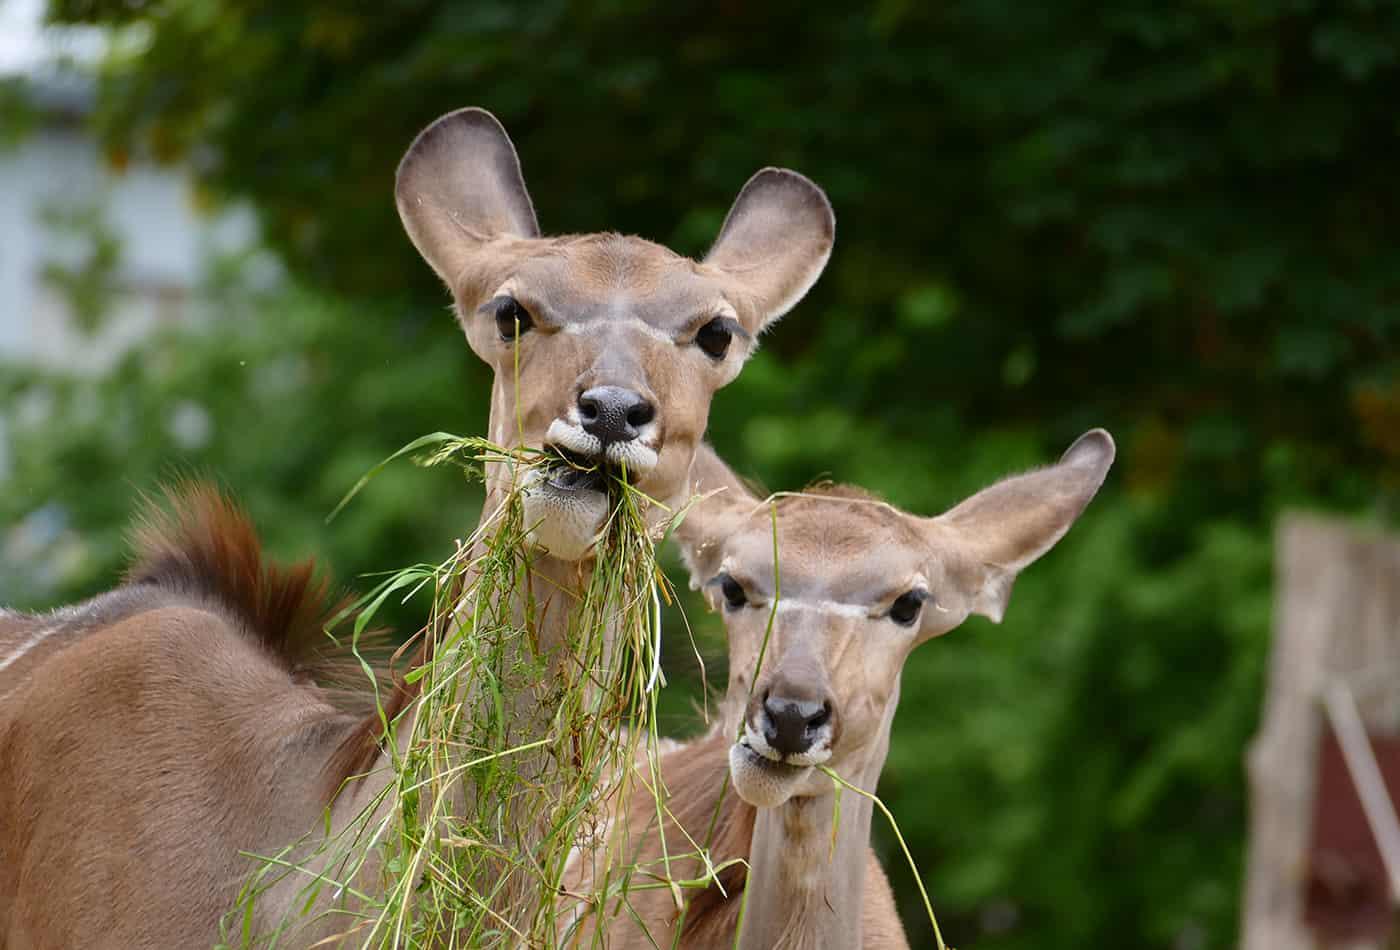 Neugierig wie die beiden Kudus: Ferienprogramme, Workshops & Co. sorgen auch in diesem Jahr im Zoo Heidelberg für Abwechslung. (Foto: Petra Medan/Zoo Heidelberg)